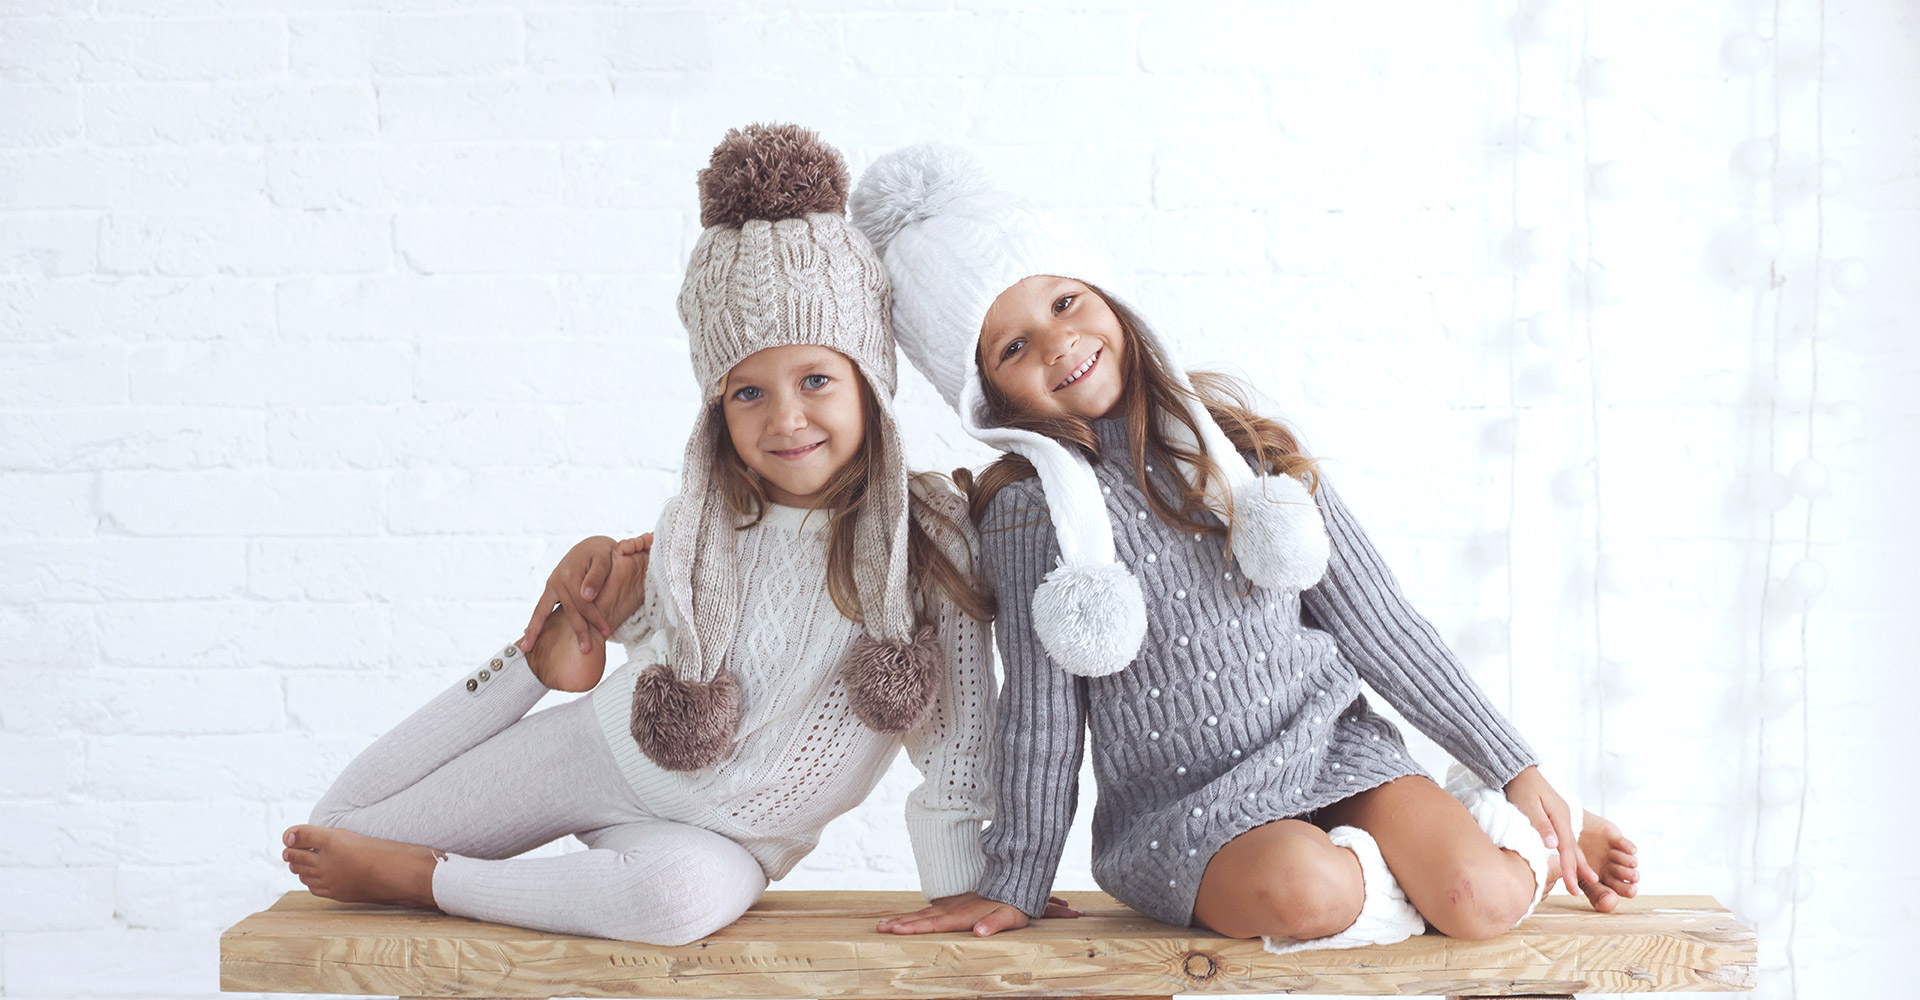 47a8af8e9f63 Protéger vos enfants du froid - Kid Canaille